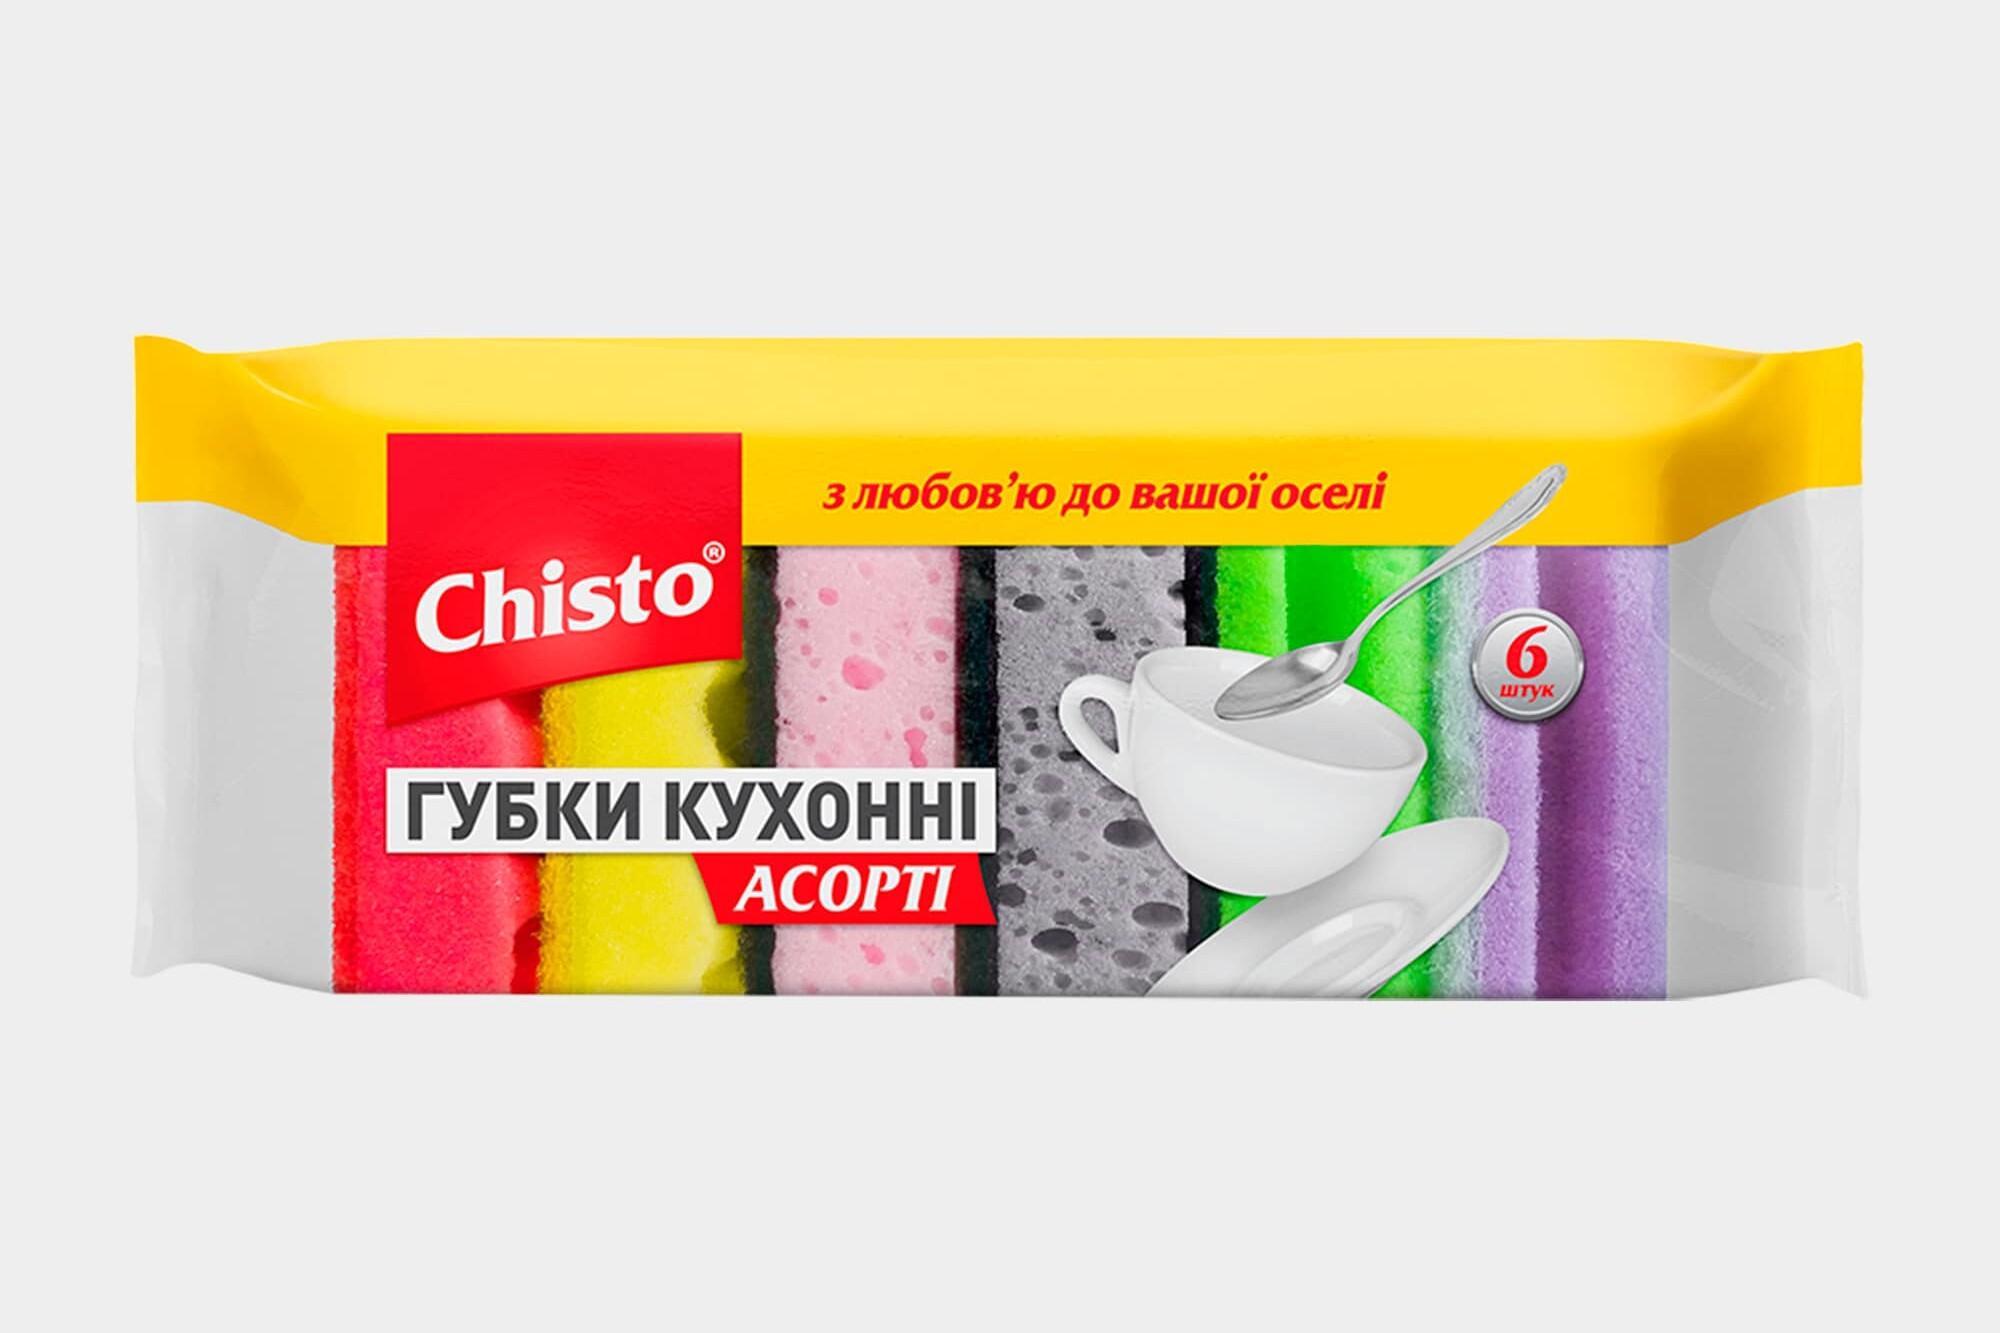 Губки кухонні Асорті ТМ «Chisto», 6 шт.